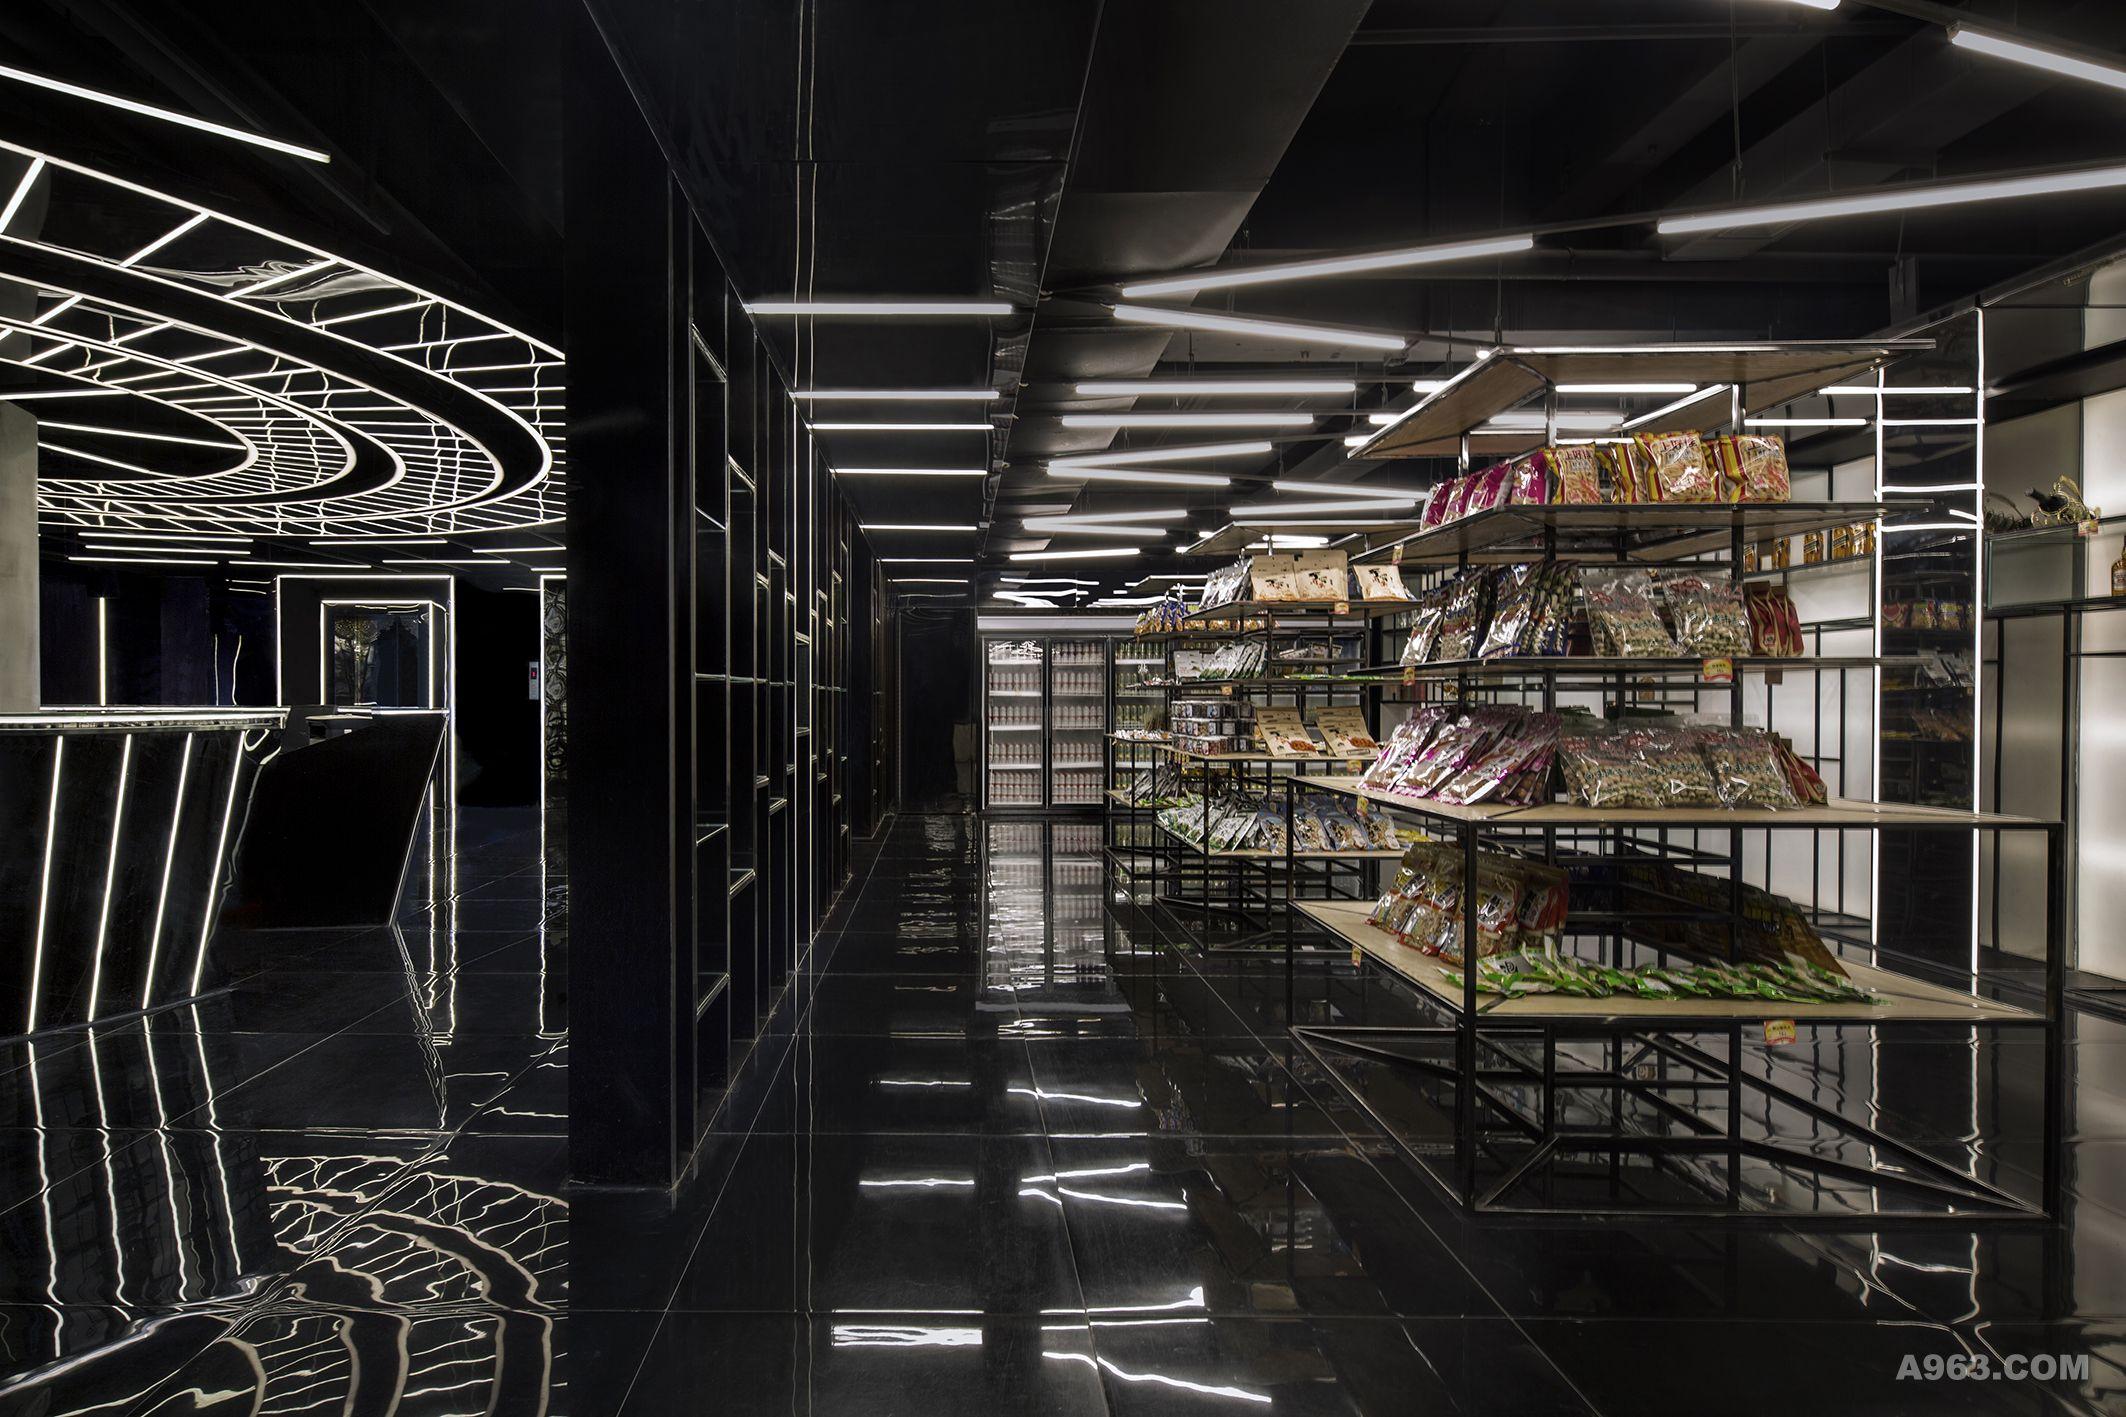 大堂超市 我们希望通过天花线形灯的设计摆放形式,来体现一种快捷感与速度感。